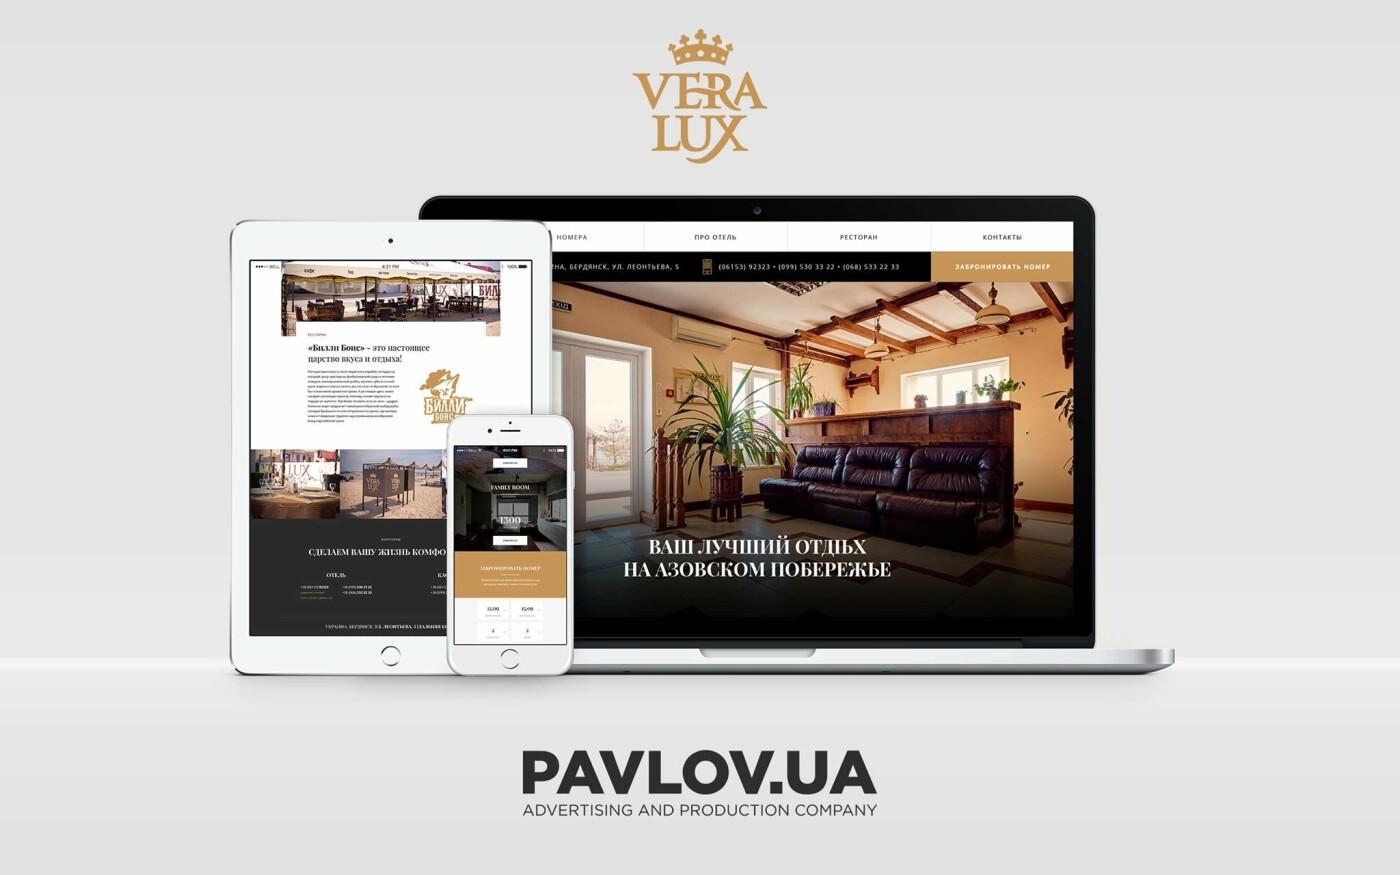 Компанія Pavlov.ua увійшла в ТОП 100 кращих digital-агентств України, фото-18